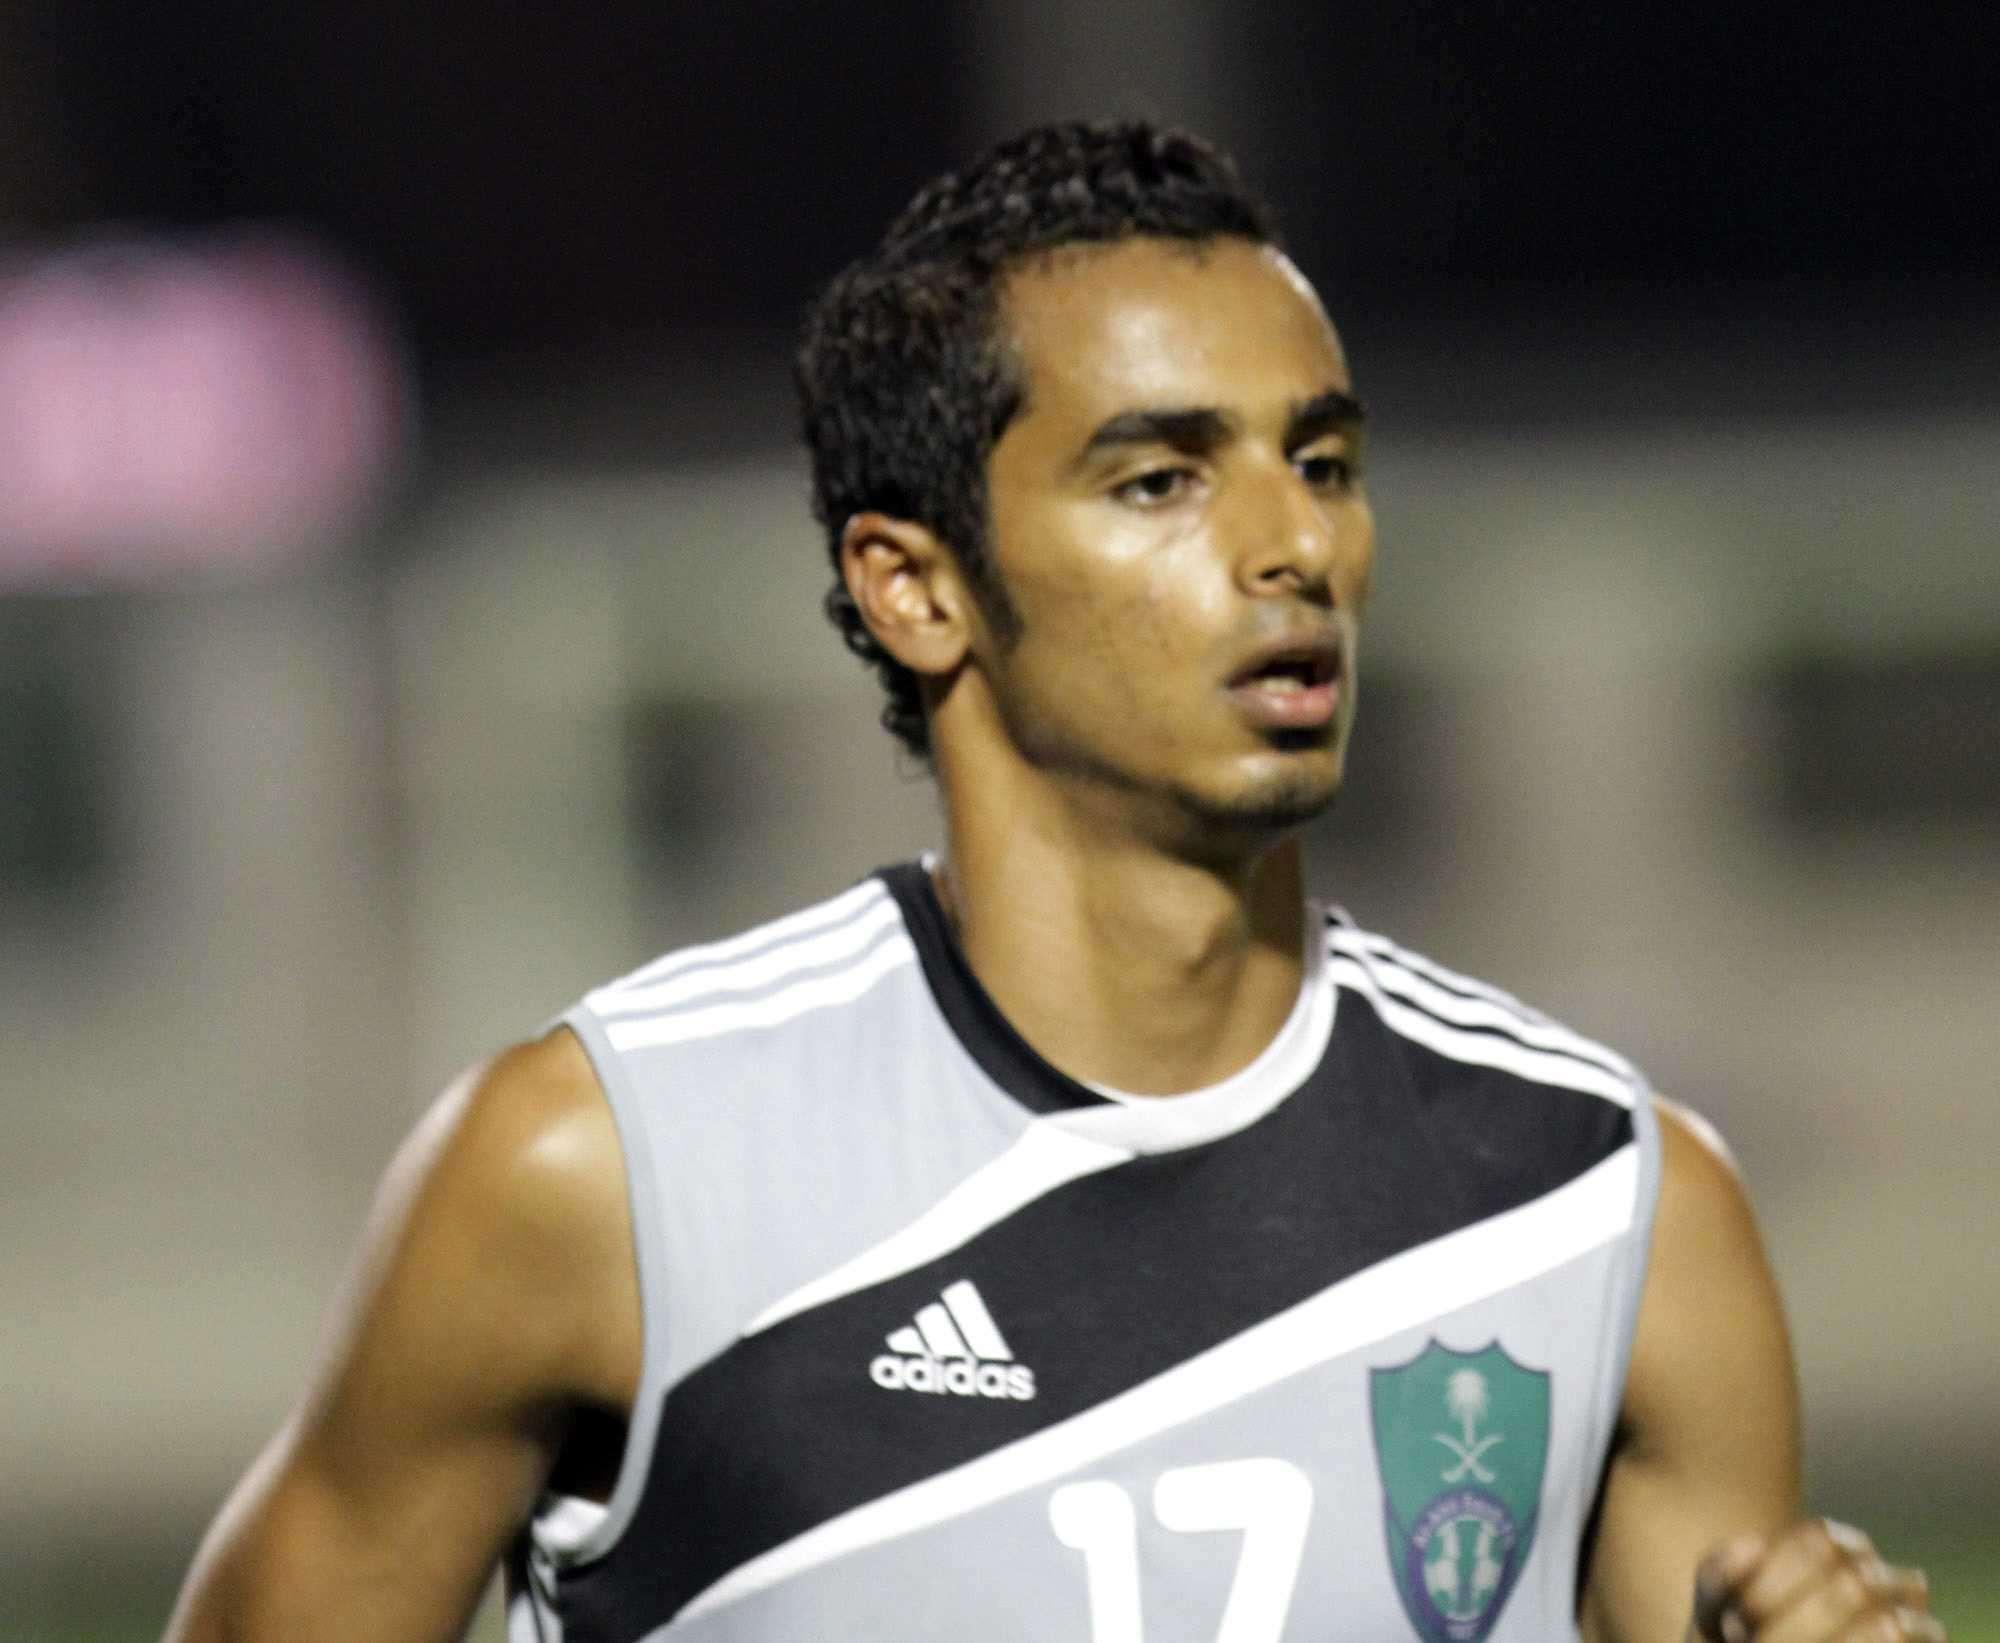 Mohammed AlSaafri